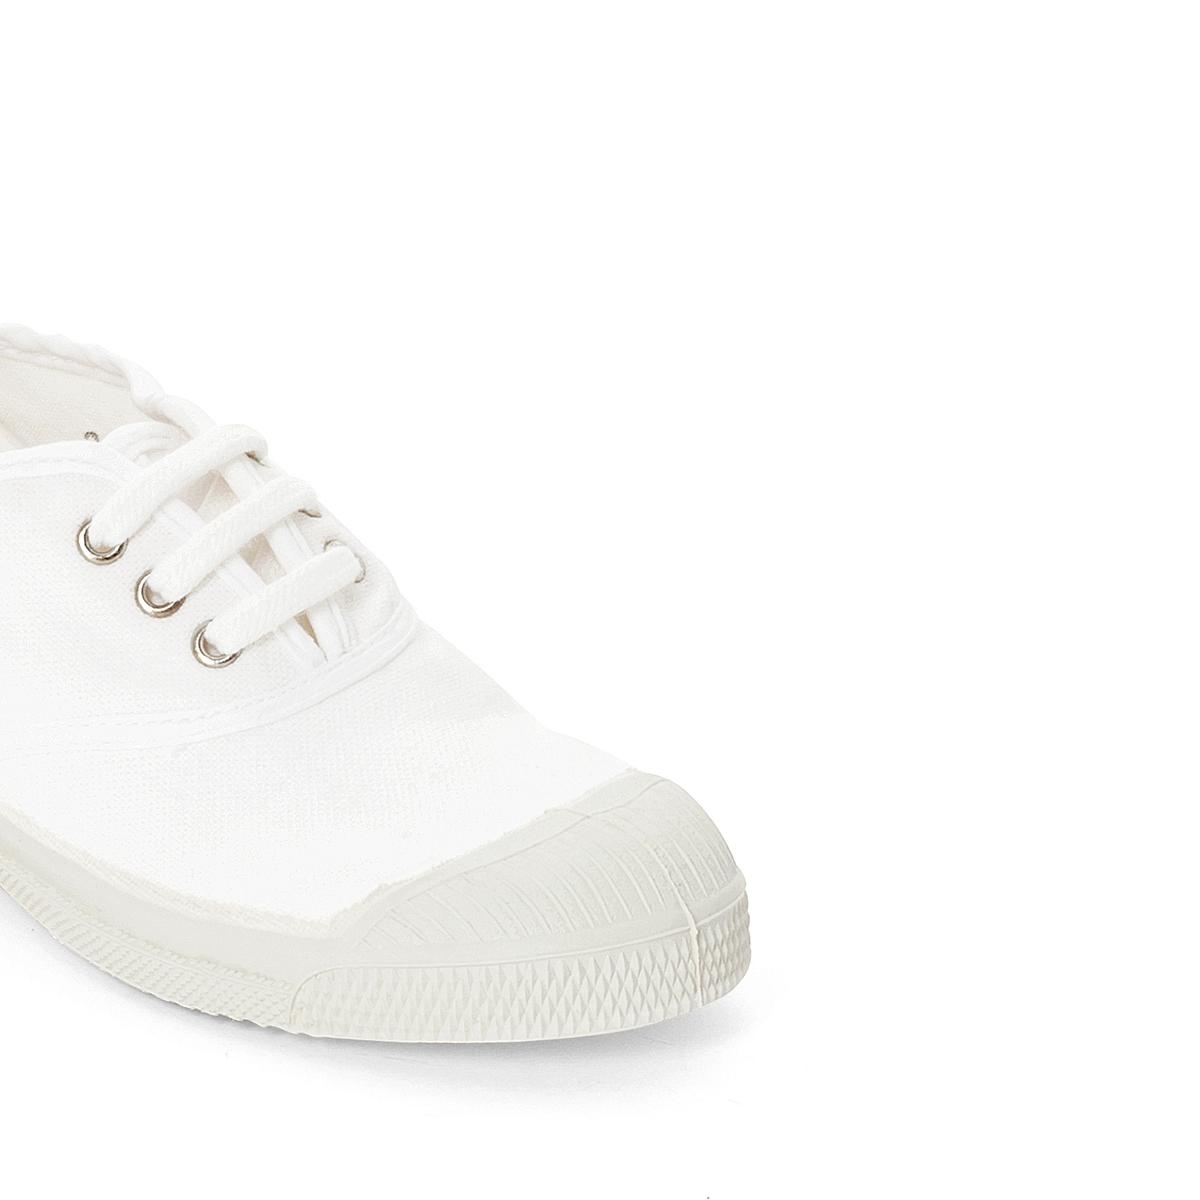 Кеды LacetsДетали •  Спортивный стиль •  Плоский каблук •  Застежка : шнуровкаСостав и уход •  Верх 100% ткань •  Подкладка 100% текстиль •  Стелька 100% текстиль •  Подошва 100% каучук<br><br>Цвет: белый